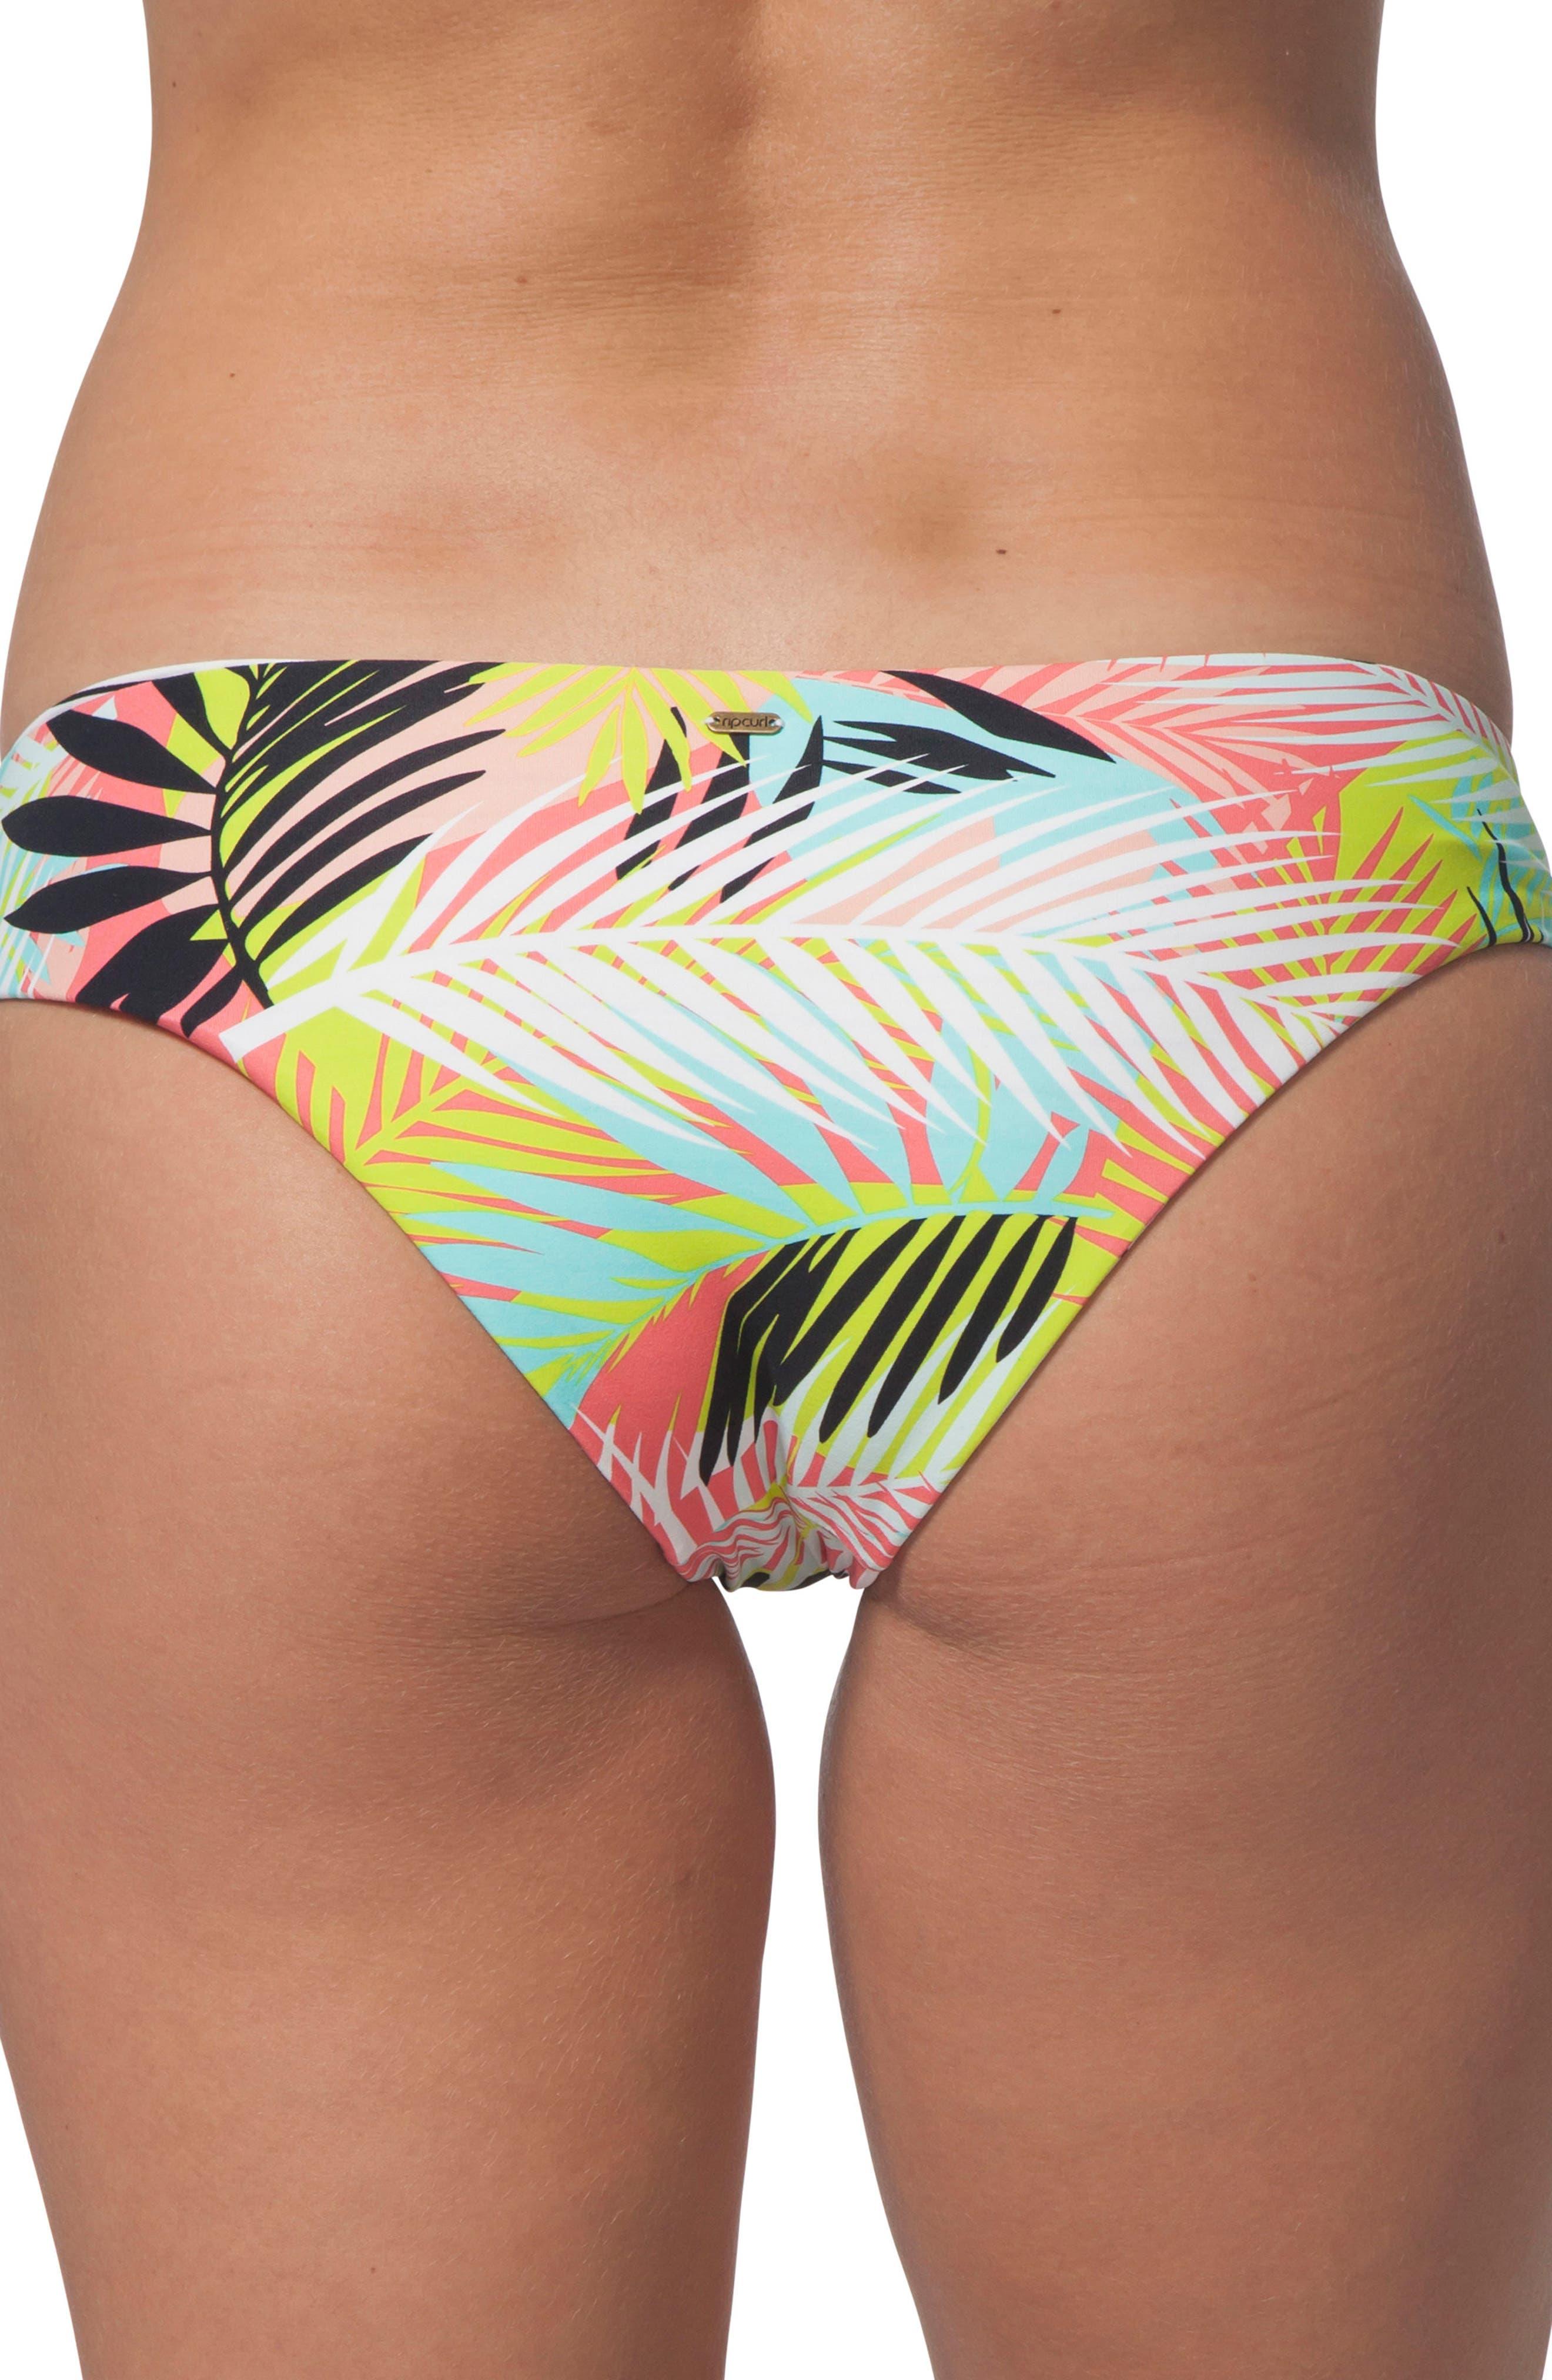 Miami Vibes Reversible Hipster Bikini Bottoms,                             Alternate thumbnail 2, color,                             WHITE MULTI